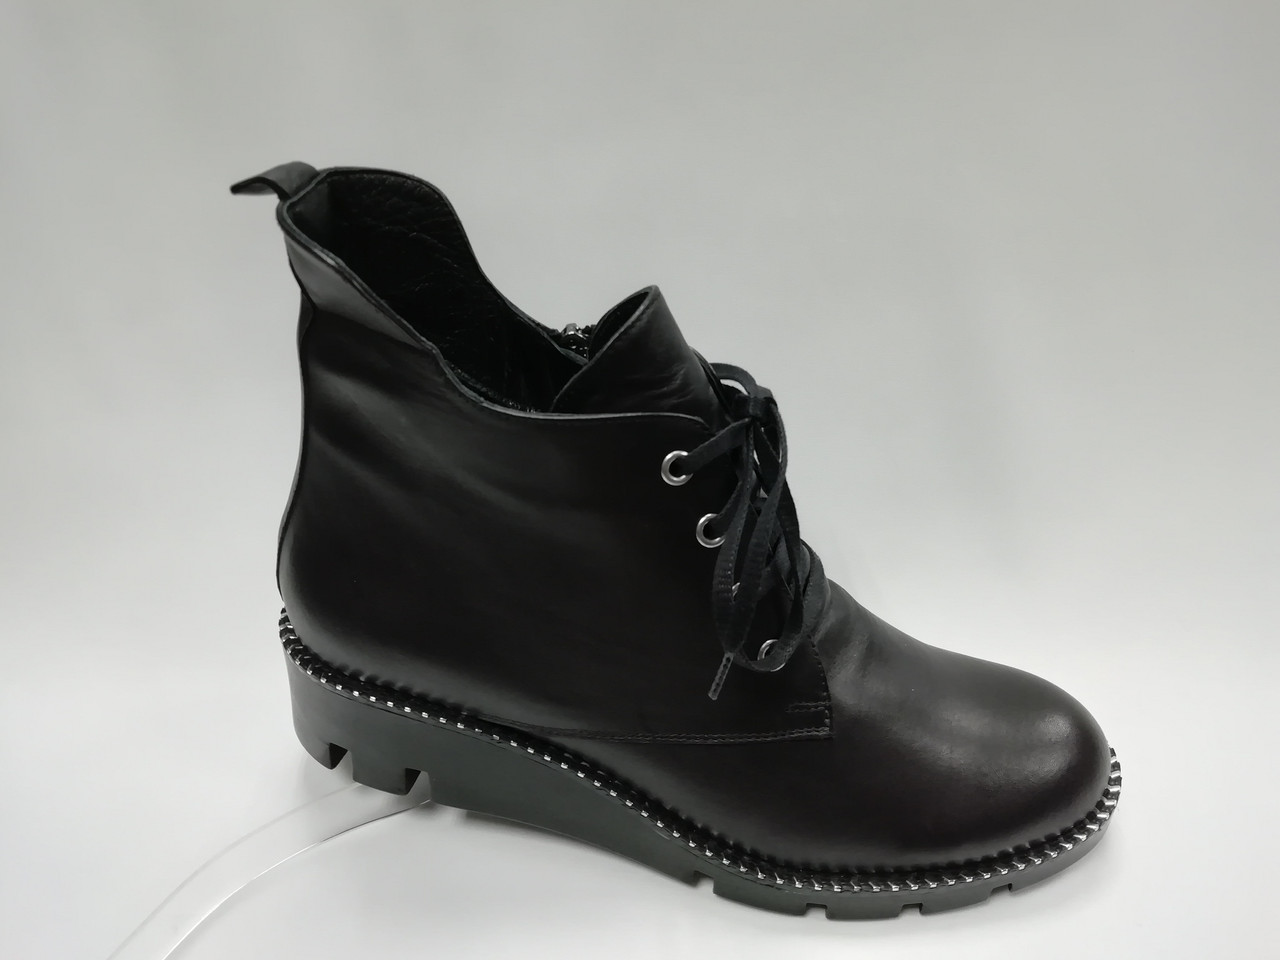 Черные кожаные ботинки. Большие размеры. Ботильоны. Турция.